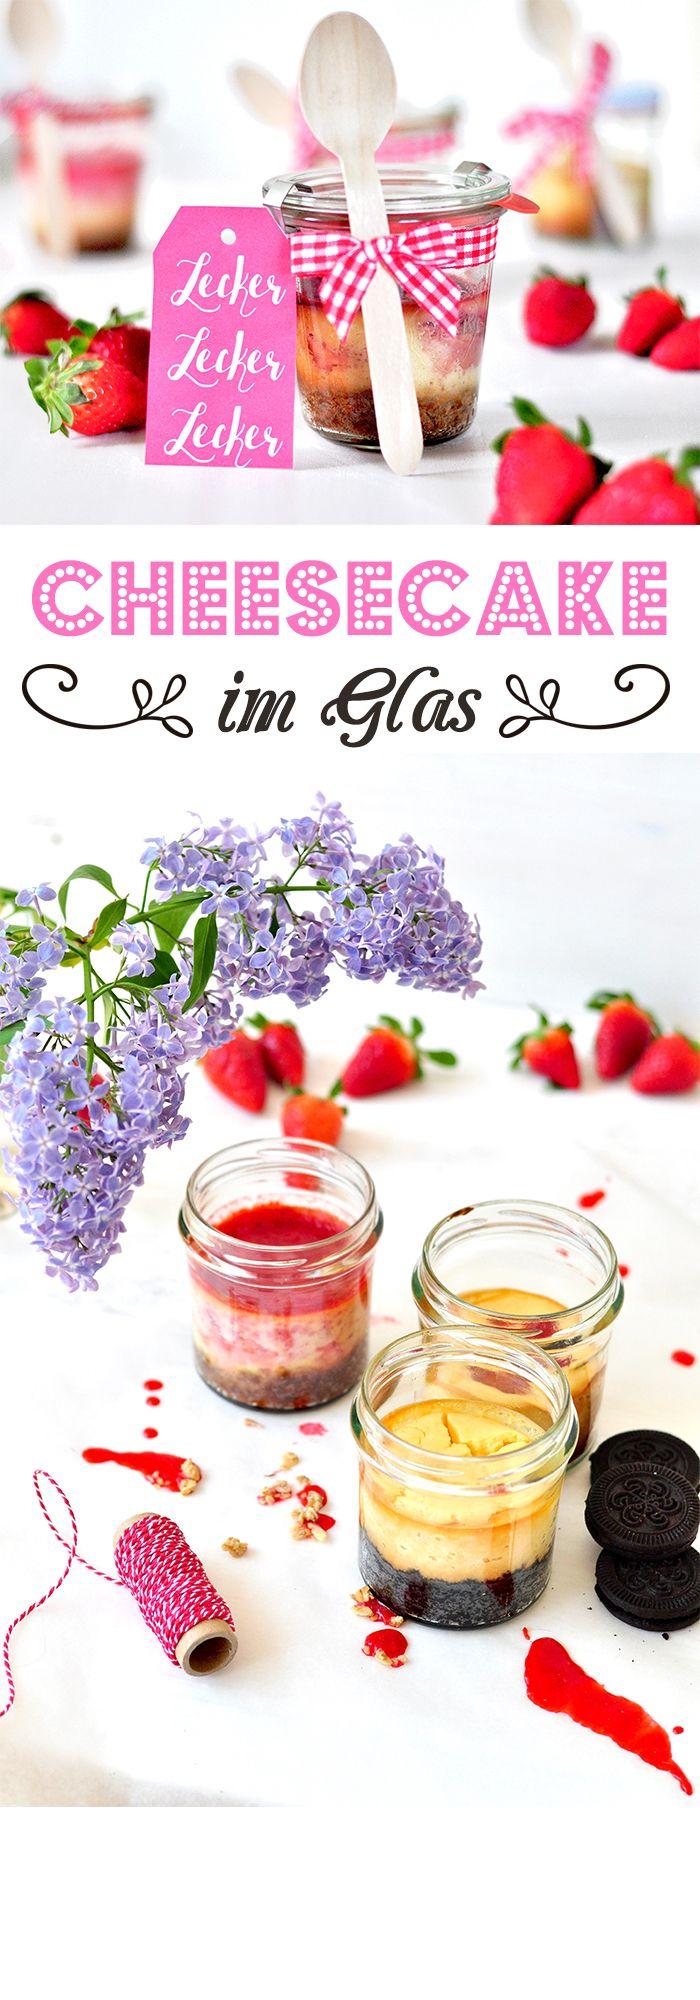 Leckers Mitbringsel: Cheesecake im Glas mit Erdbeer-Topping und Freebies zum Runterladen!